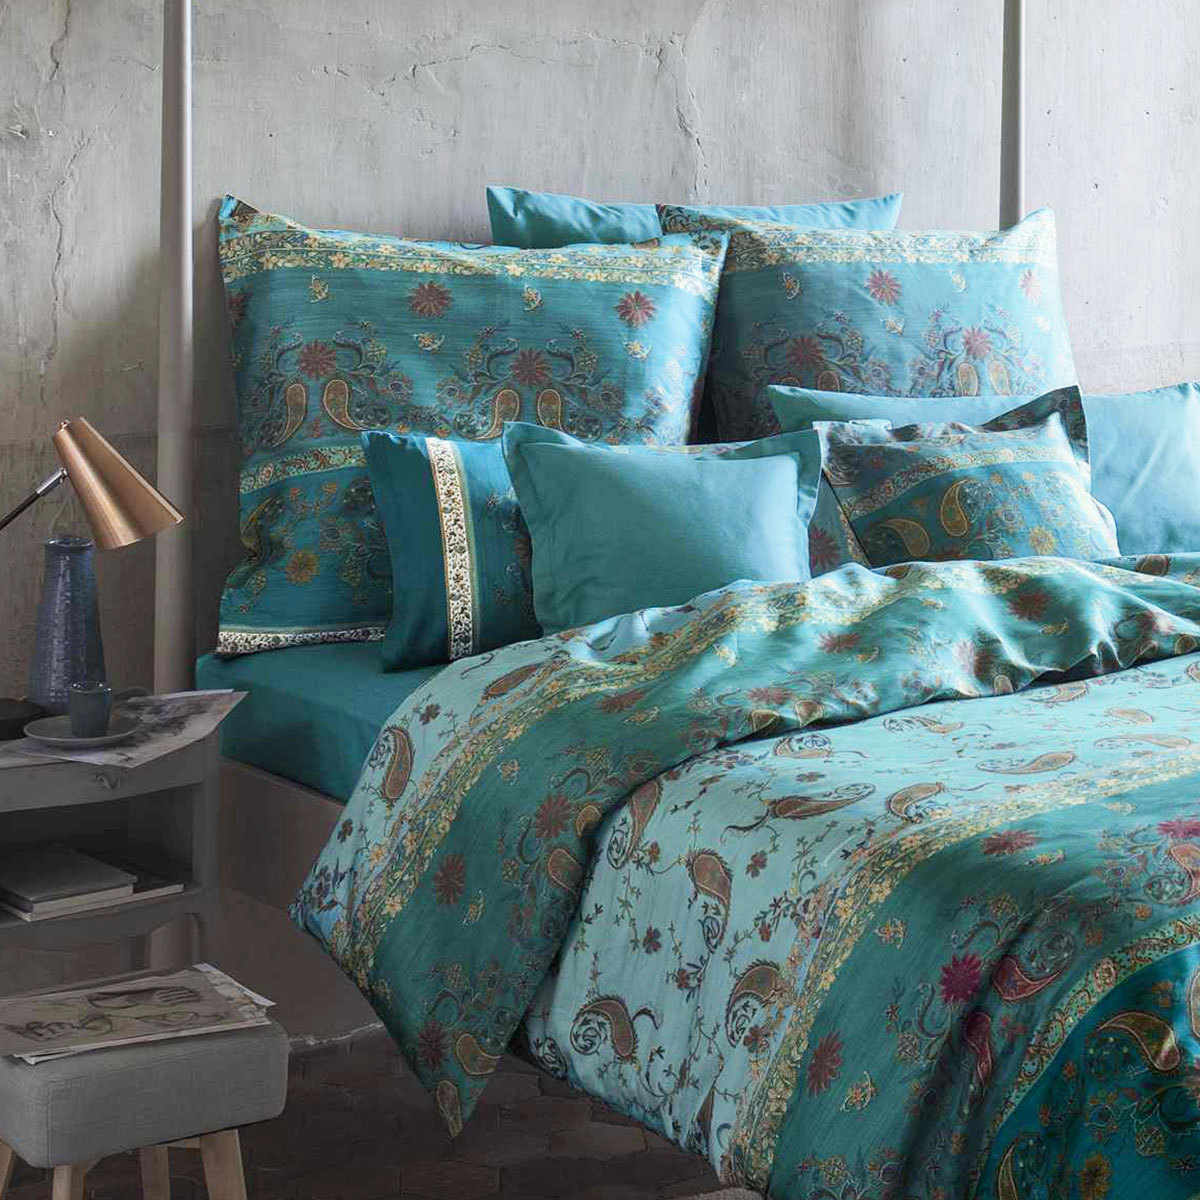 bassetti mako satin bettw sche raffaello v2 g nstig online kaufen bei bettwaren shop. Black Bedroom Furniture Sets. Home Design Ideas